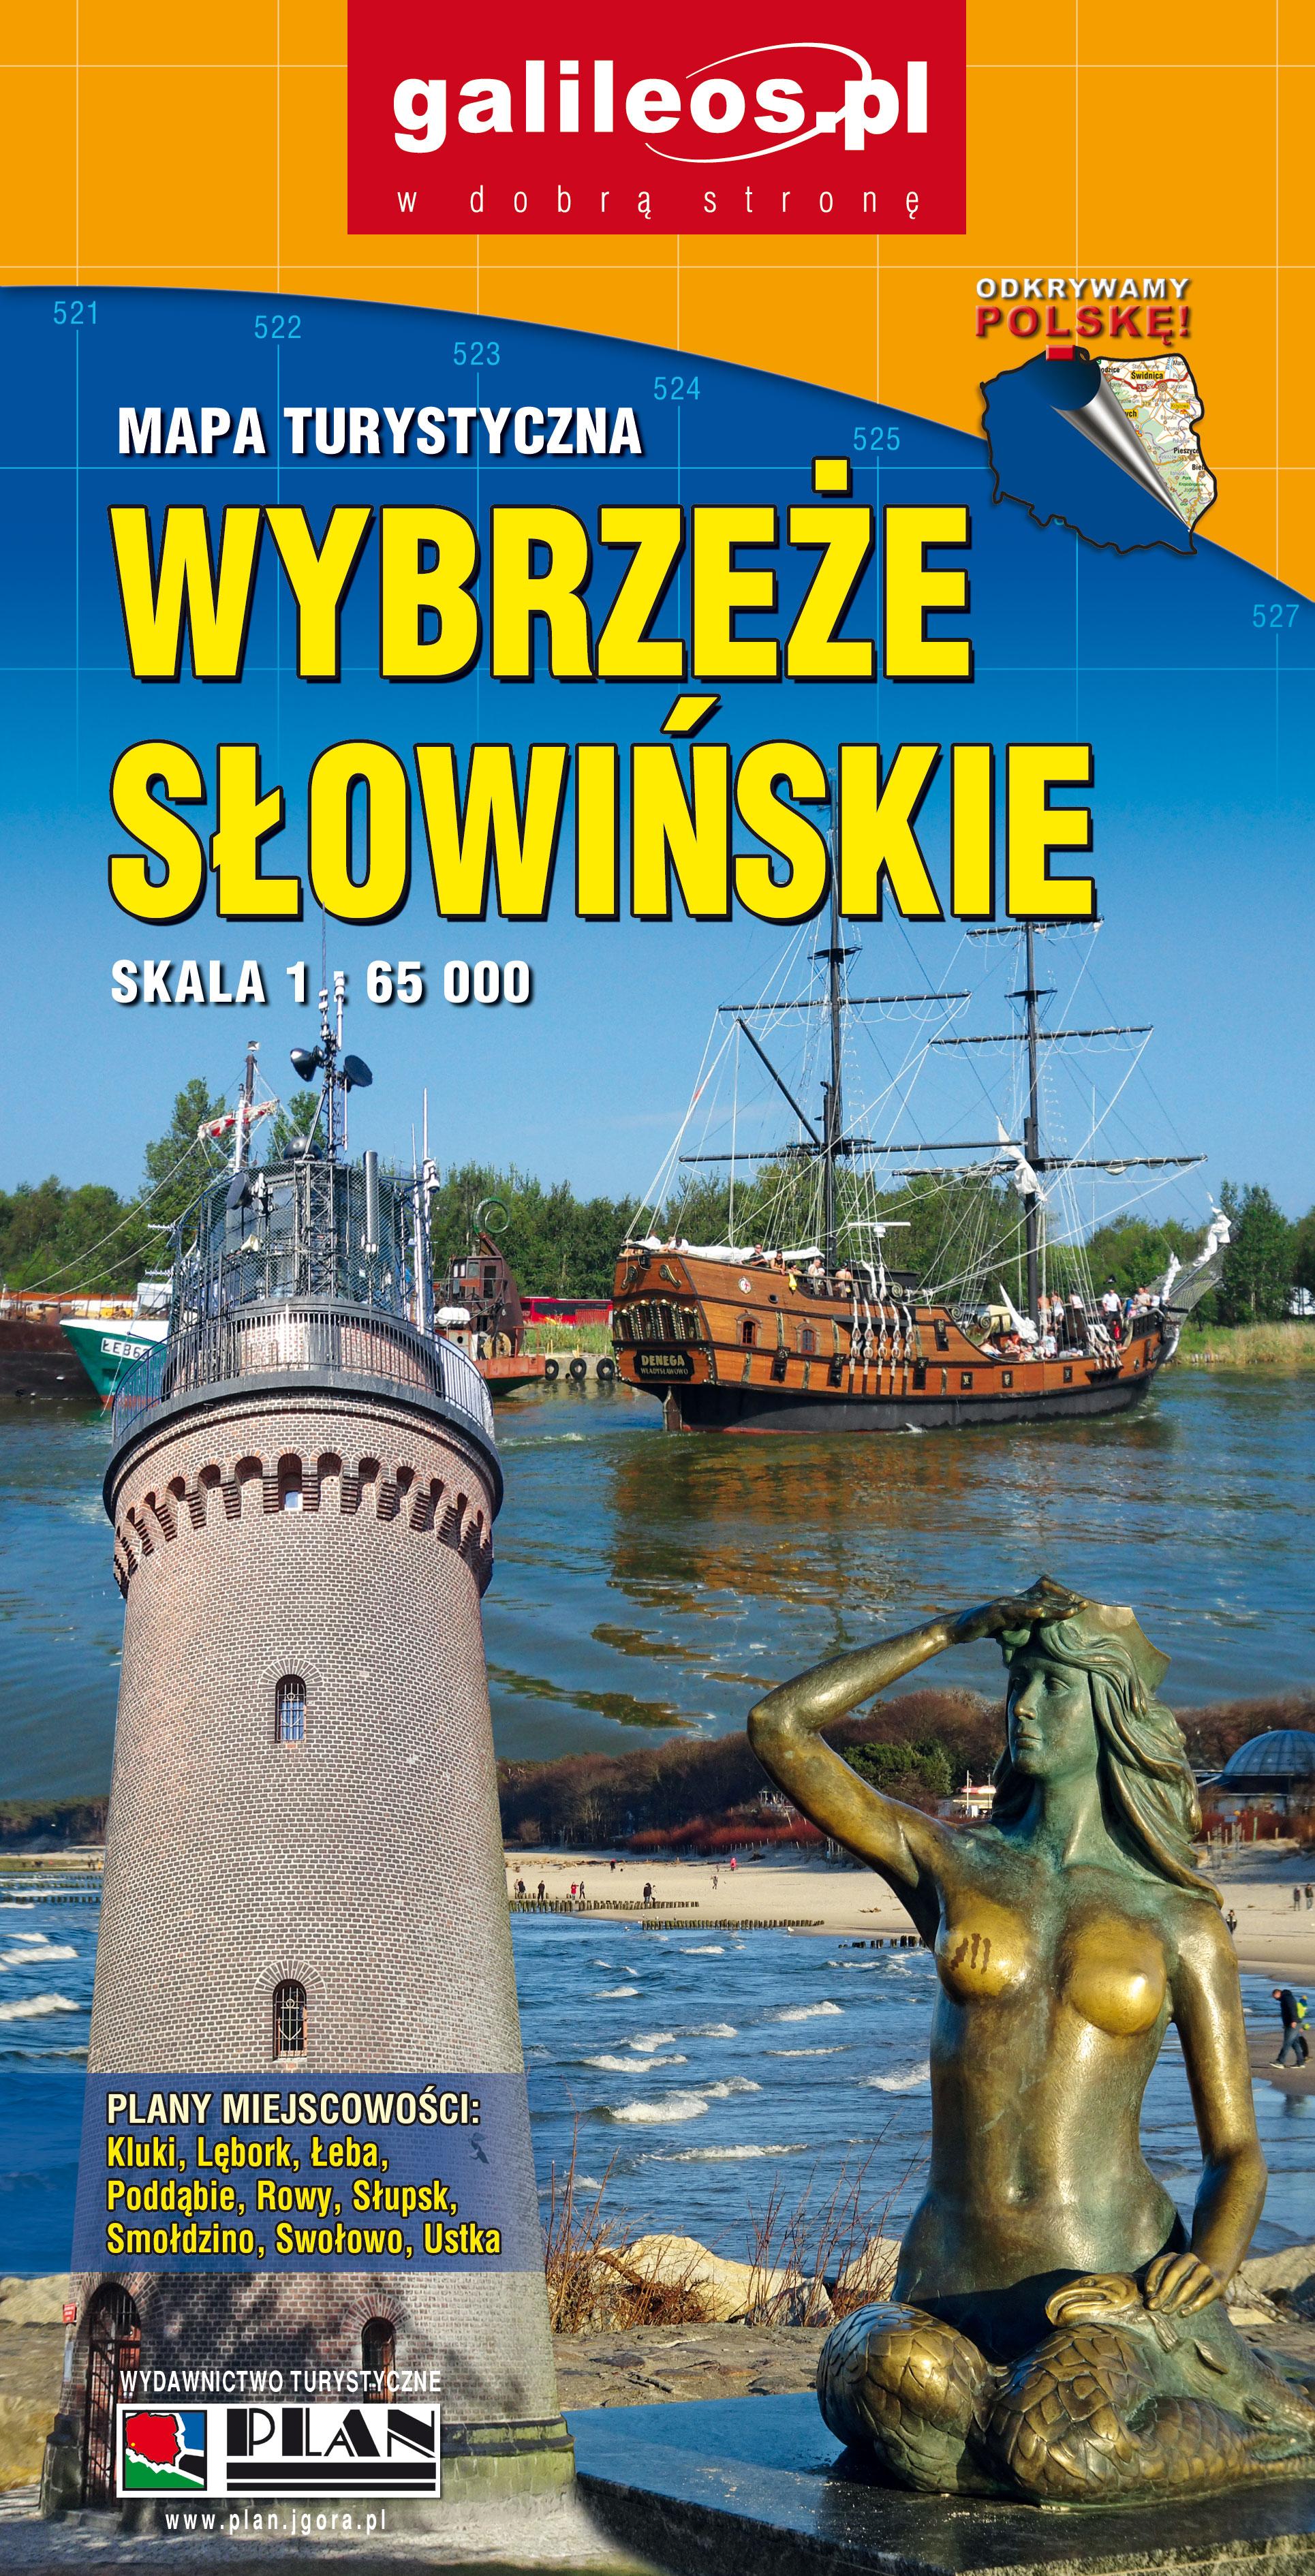 Bardzo dobry Wybrzeże Słowińskie – Mapy GPS sklep z mapami – nawigacja MQ81